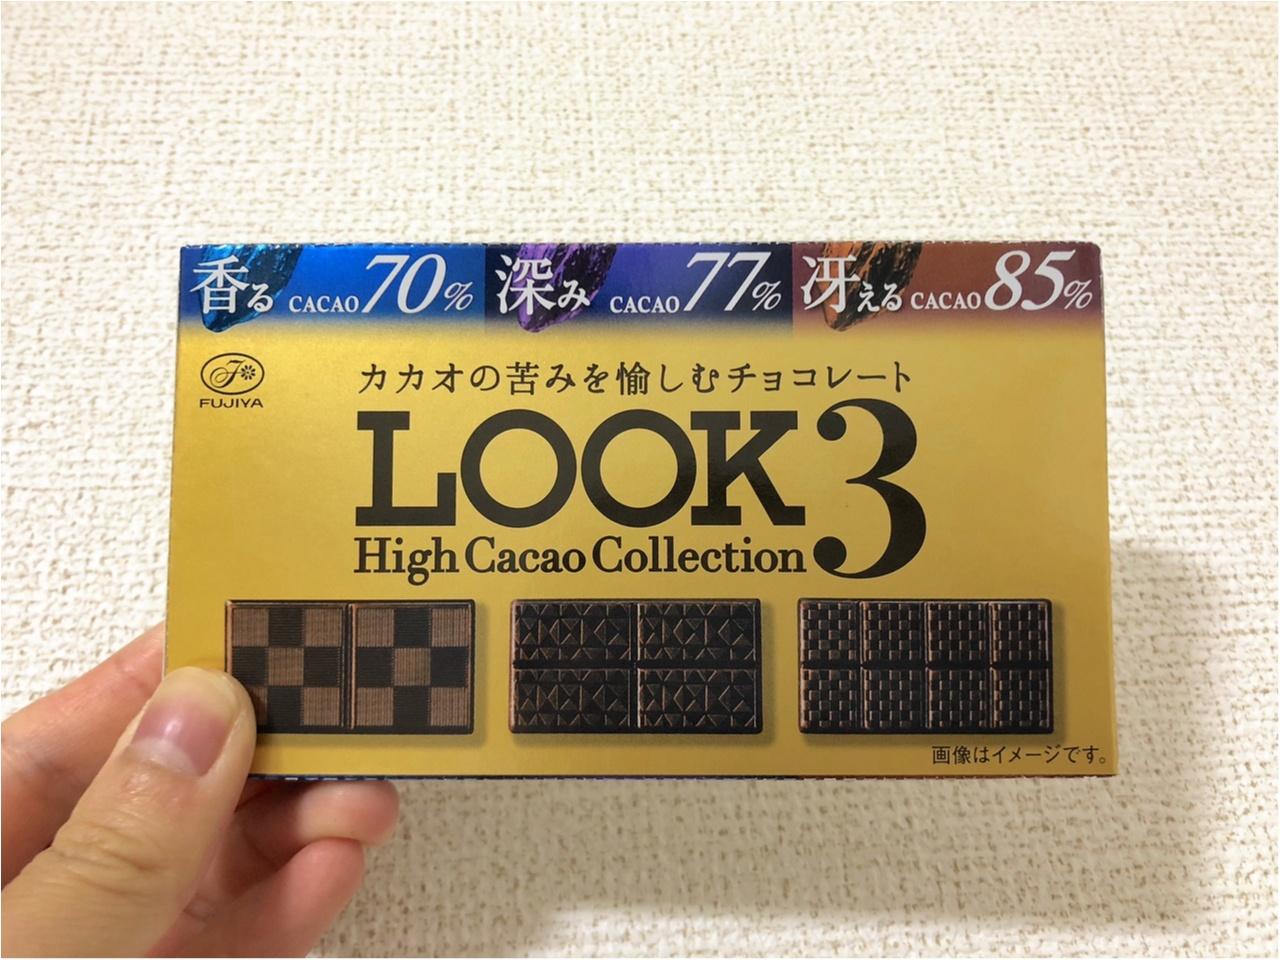 コンビニで買える!おすすめ【ハイカカオチョコレート】はこれ!!_2